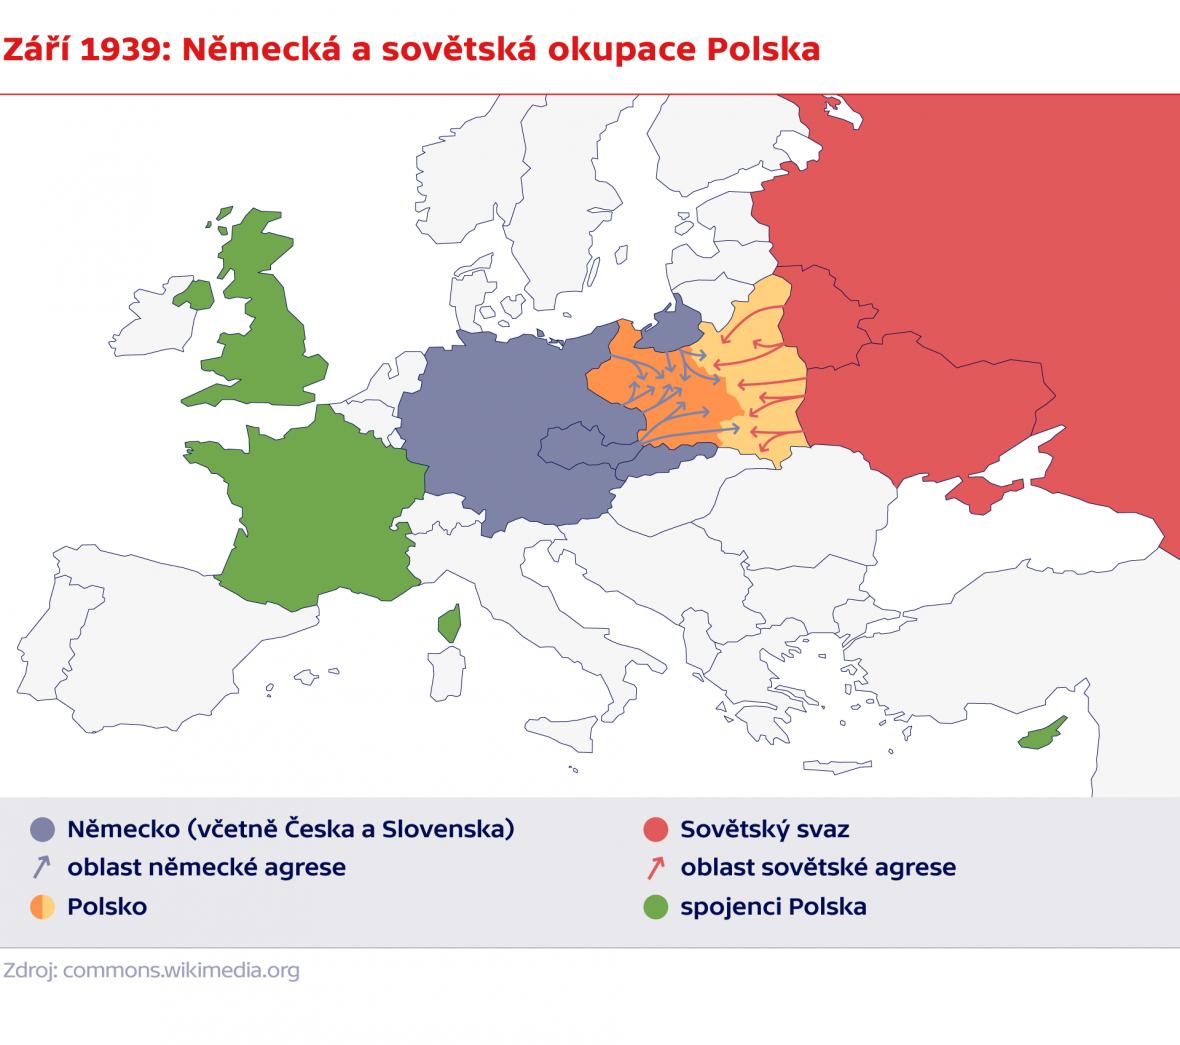 Září 1939: Německá a sovětská okupace Polska